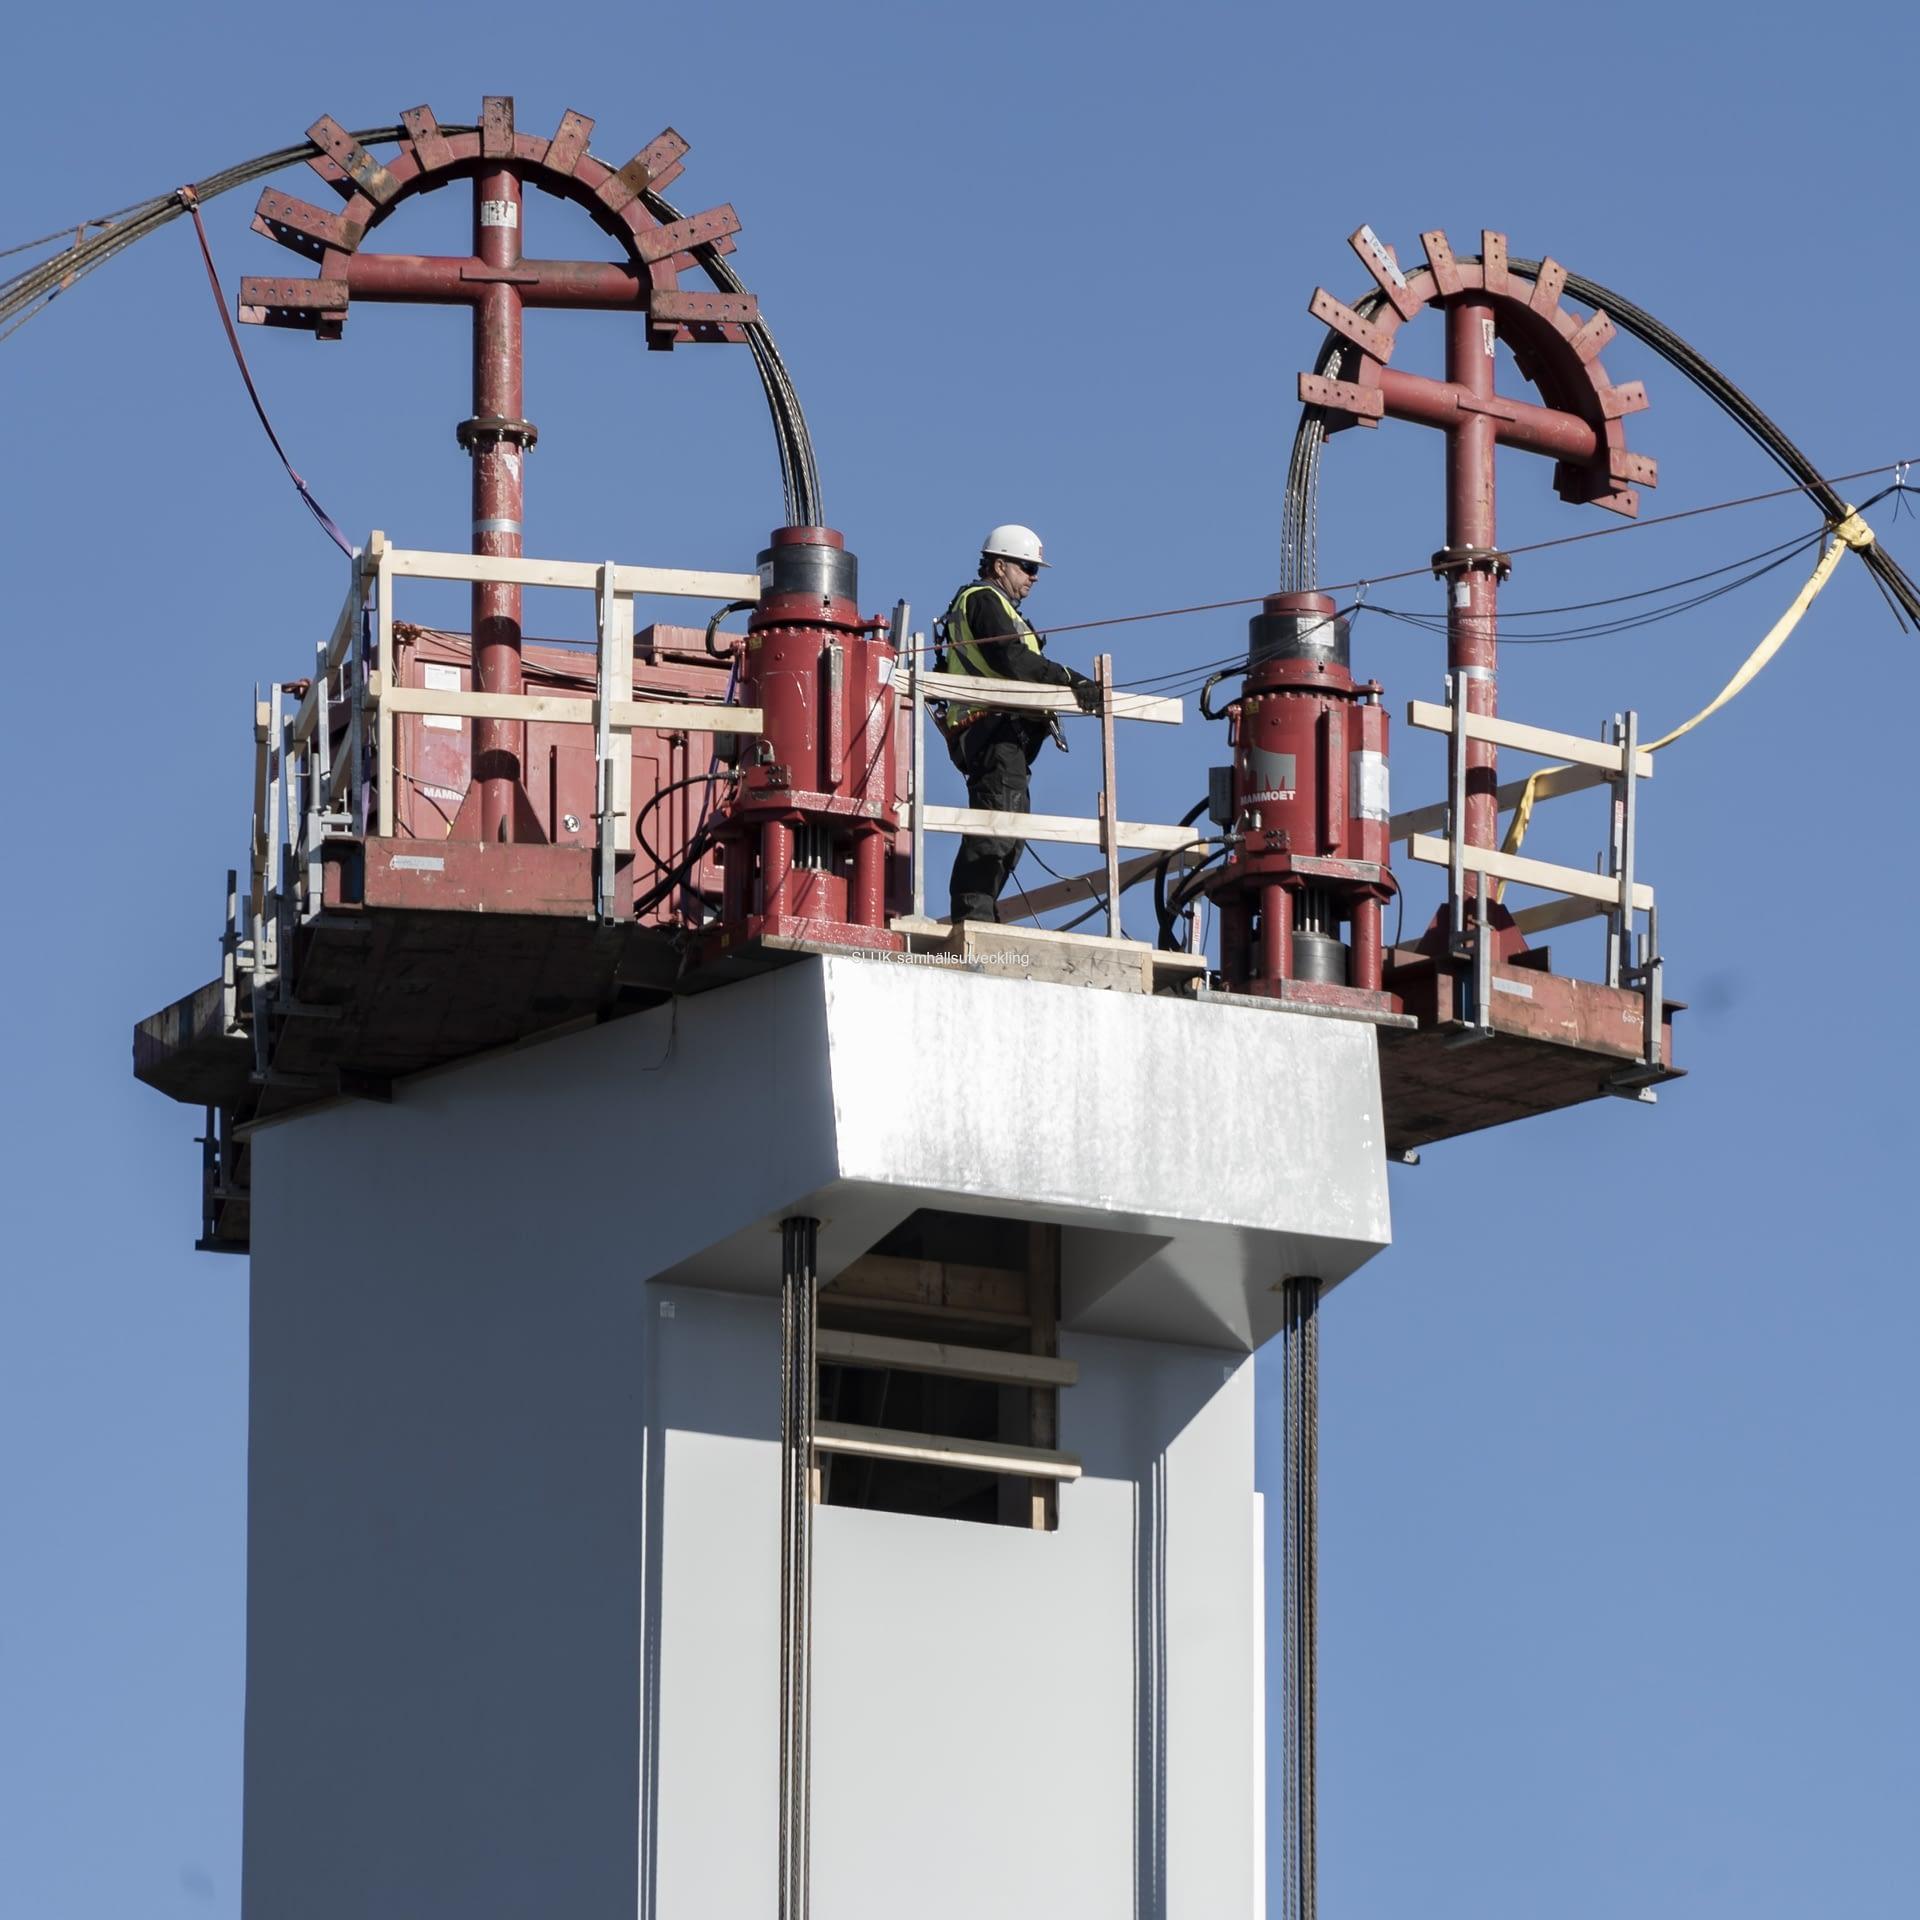 Utsikt från pylonen på #Hisingbron